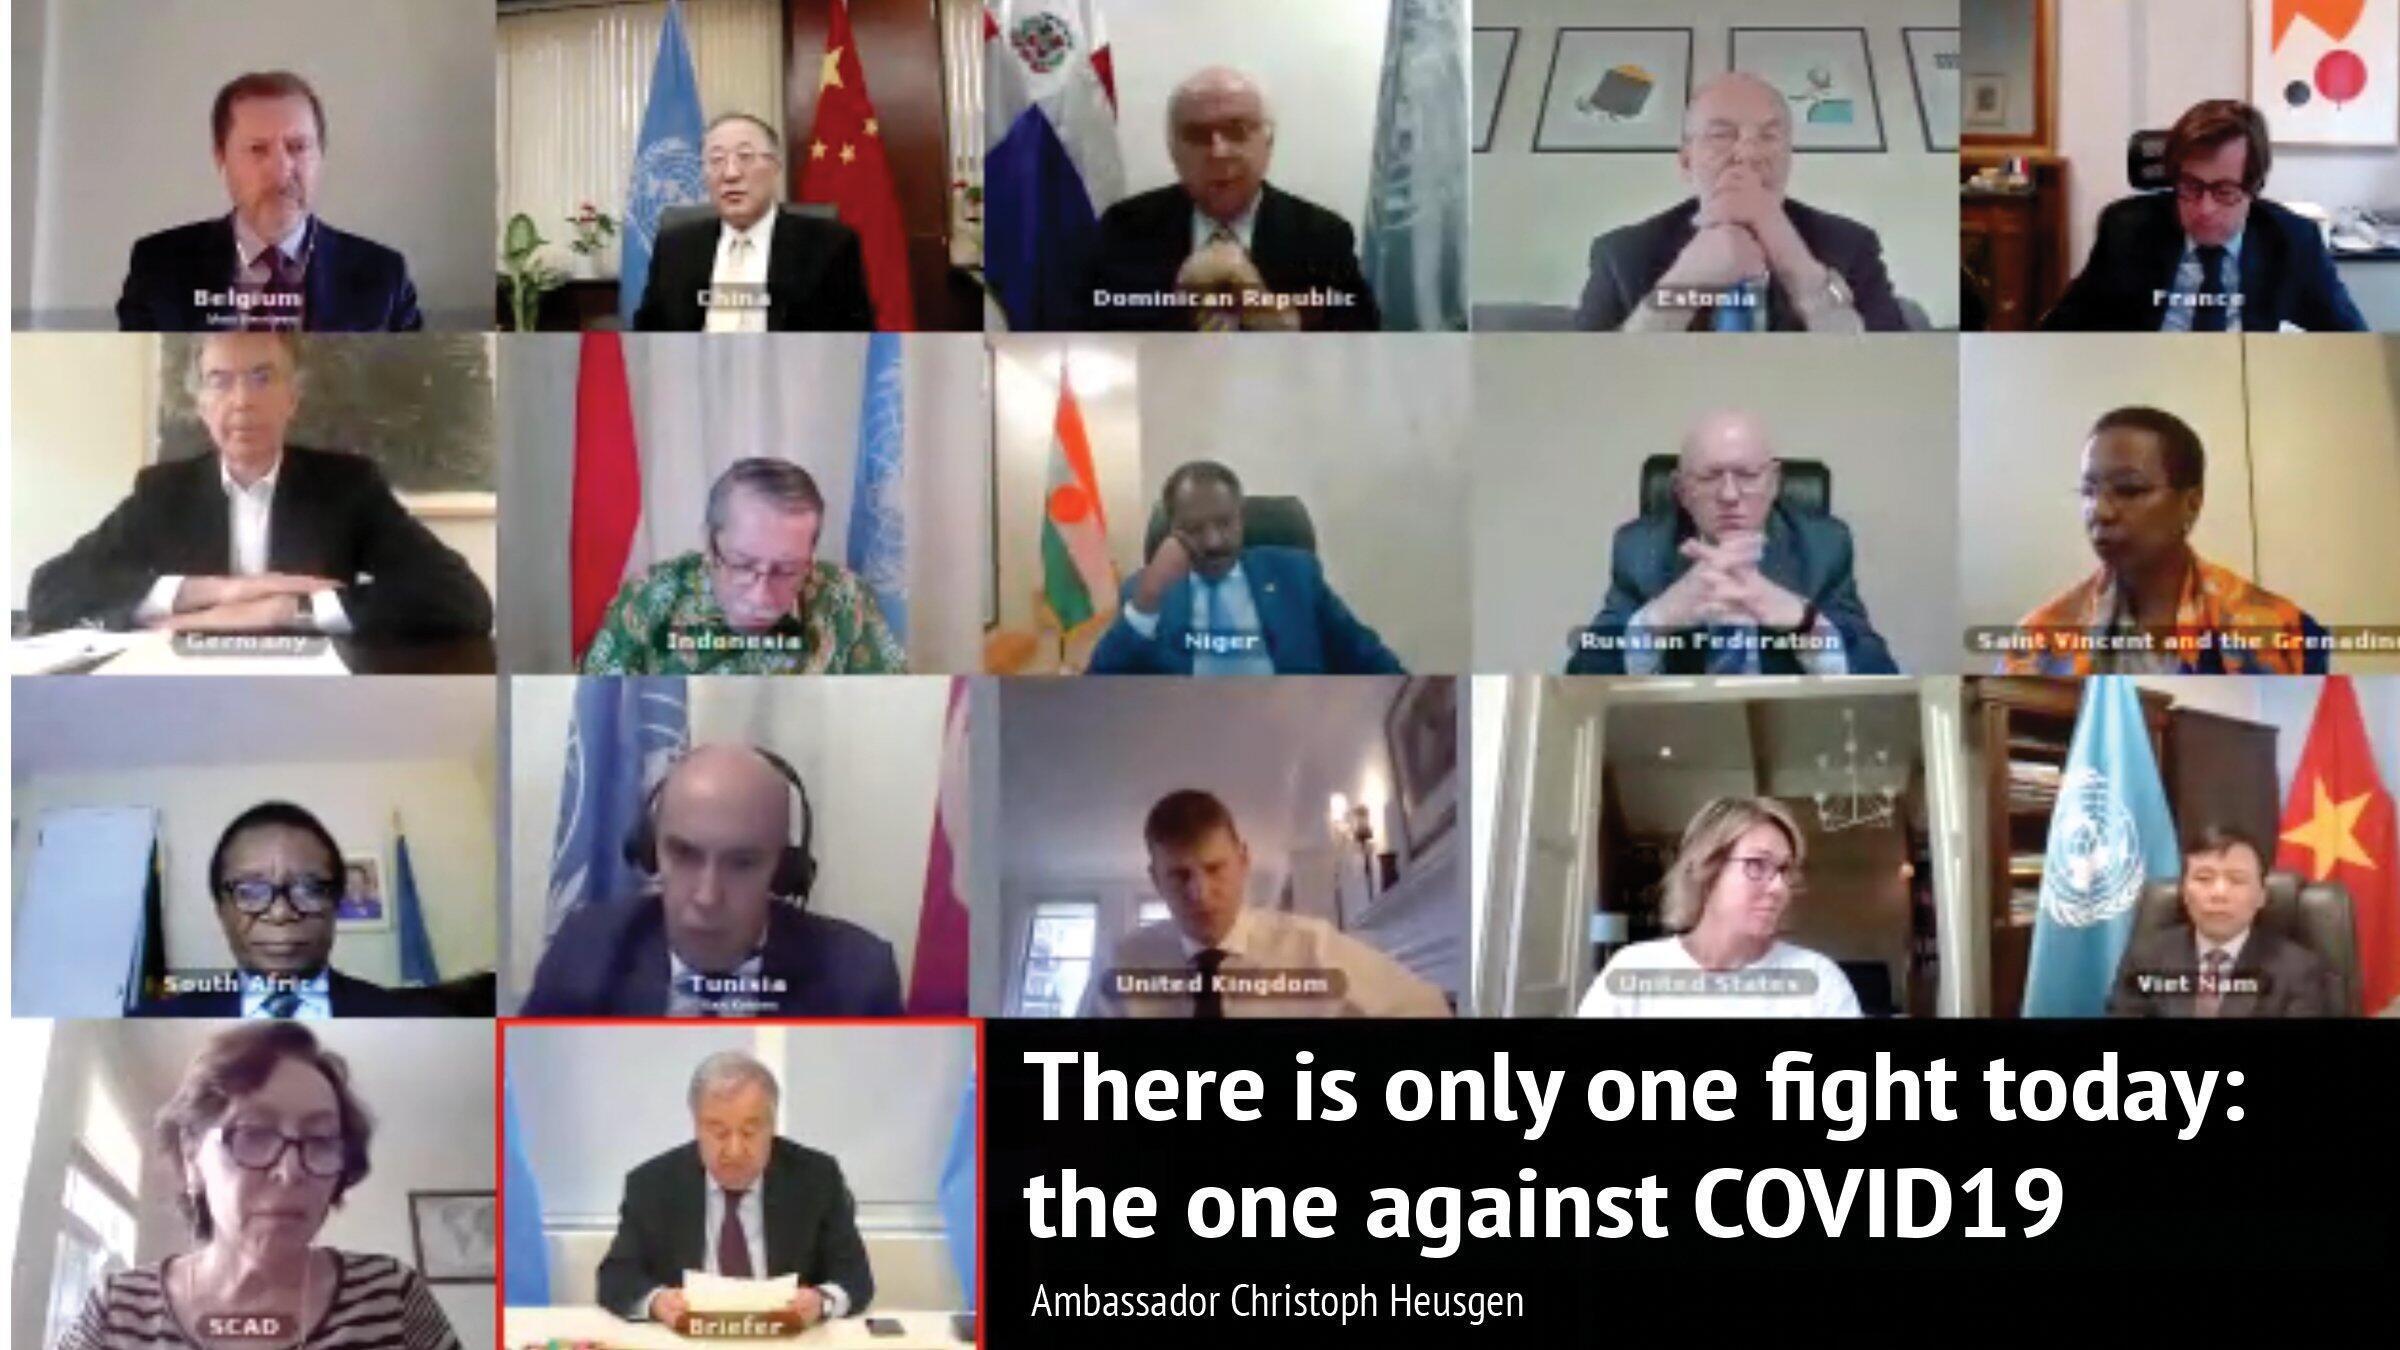 Les membres du Conseil de sécurité de l'ONU ont évoqué la lutte contre le coronavirus en téléconférence.